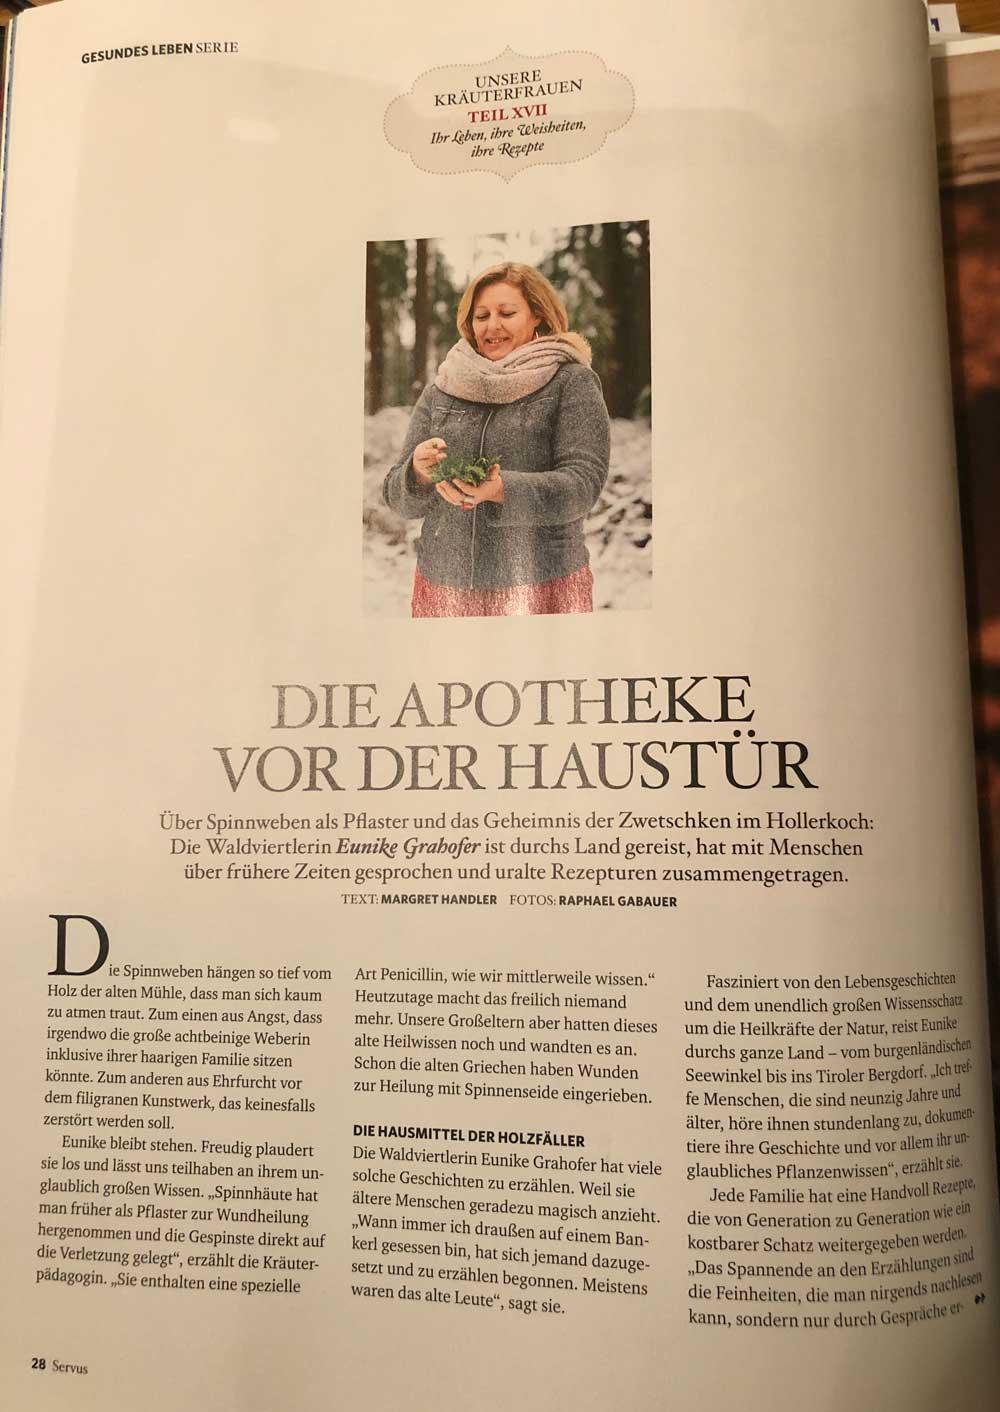 Erste Seite Artikel Die Apotheke vor der Haustuere Magazin Servus